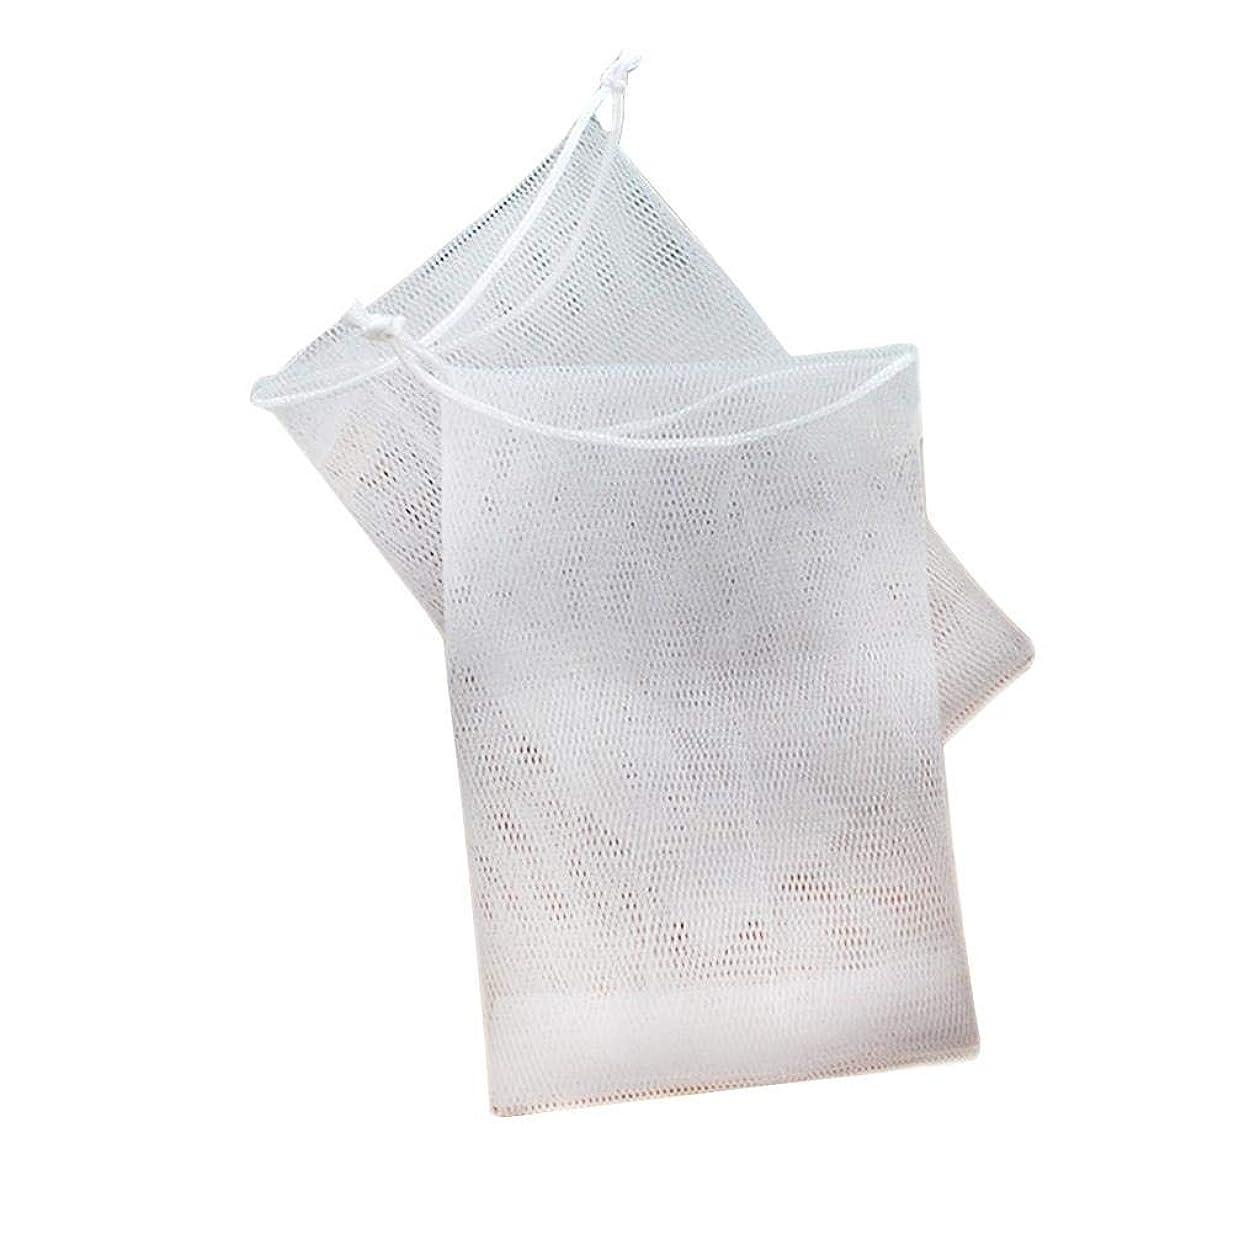 パスタ彼らのものスイス人石鹸の袋の網のドローストリング袋は ハンドメイドの石鹸の泡泡ネットメーカーのために掛けることができます 12×9cm